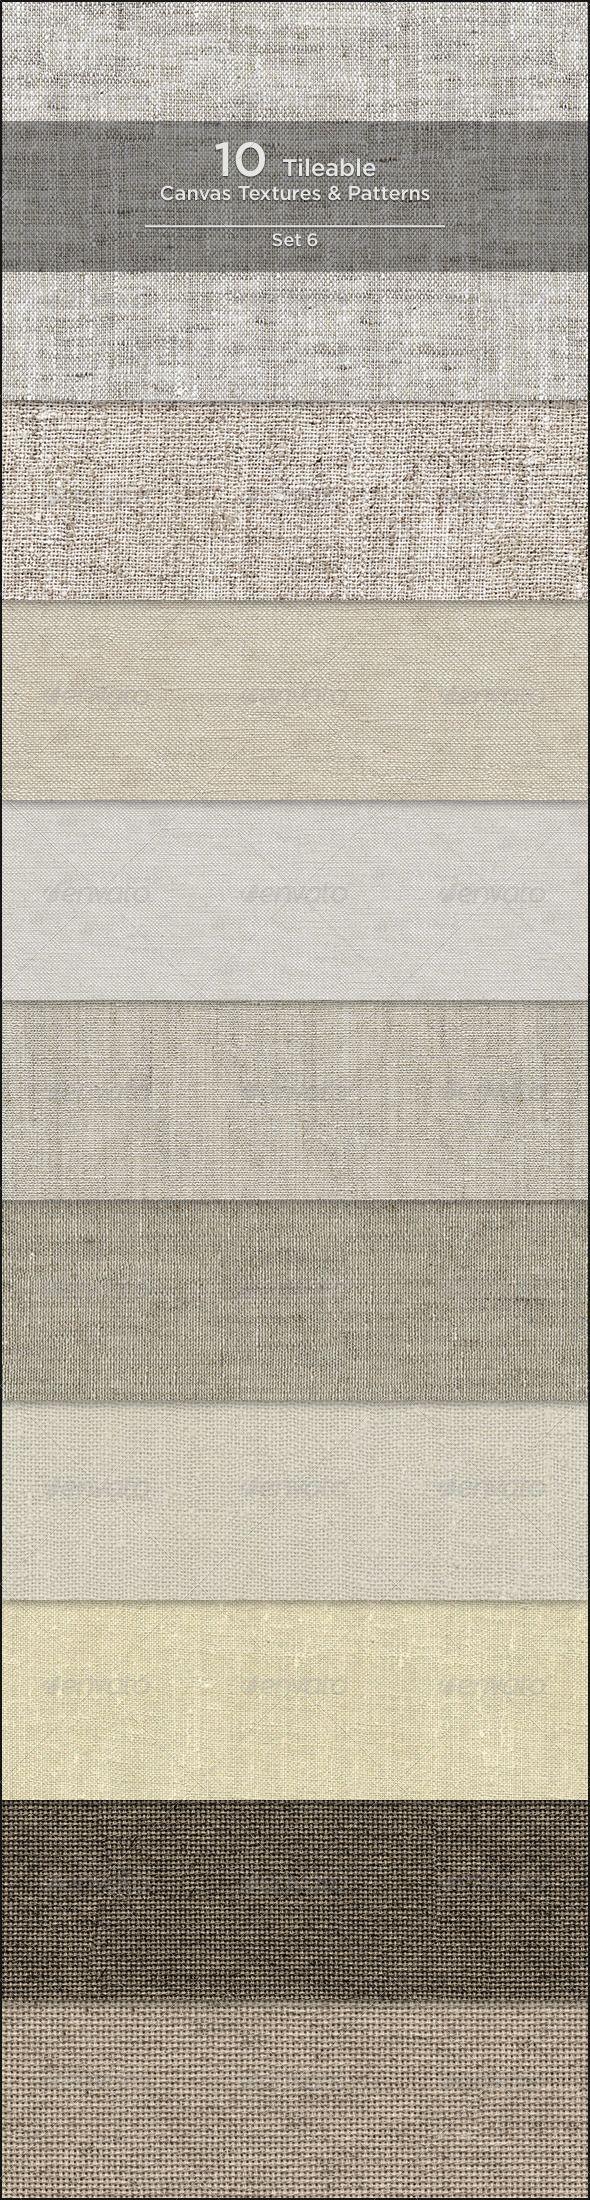 10 Tileable Canvas Textures/Patterns